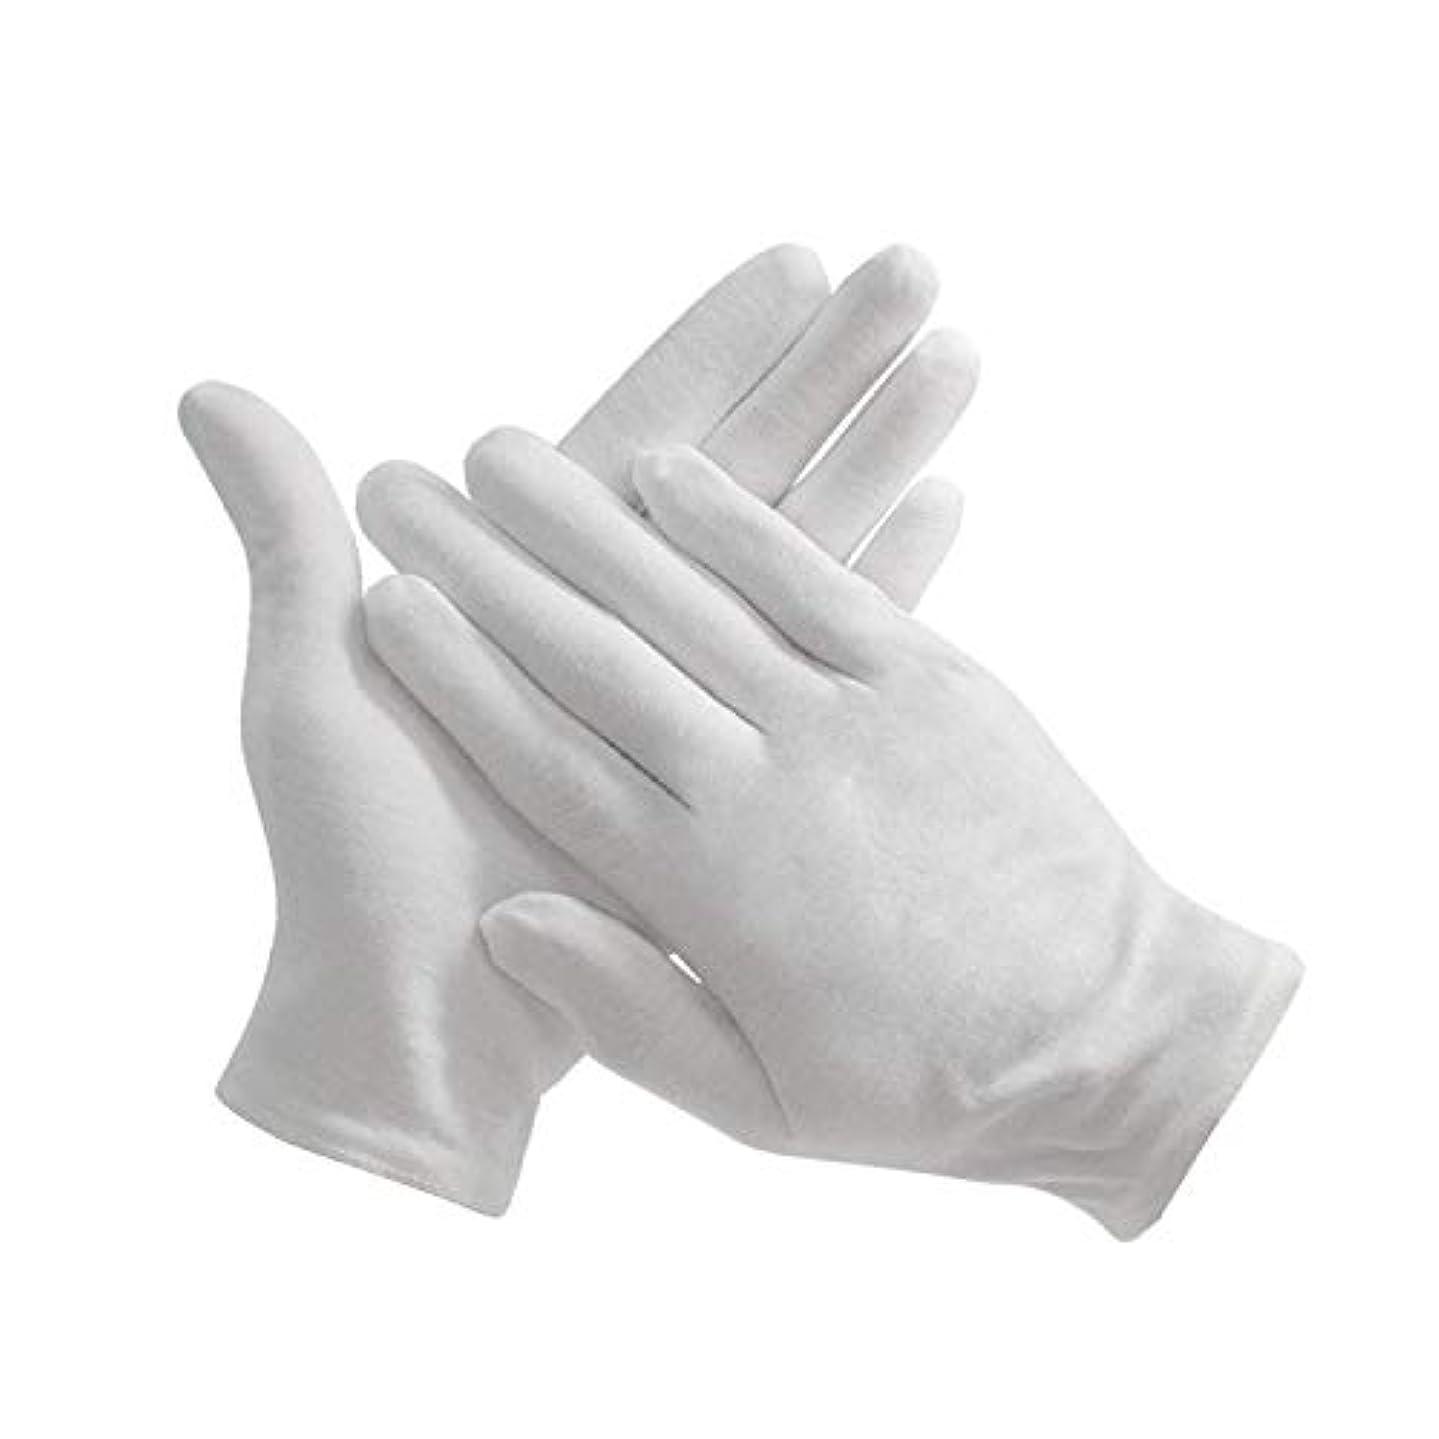 キャスト暴徒リビングルーム12双組 手袋 綿手袋 手荒れ 純綿使い捨て 白手袋 薄手 お休み 湿疹 保湿 白手袋